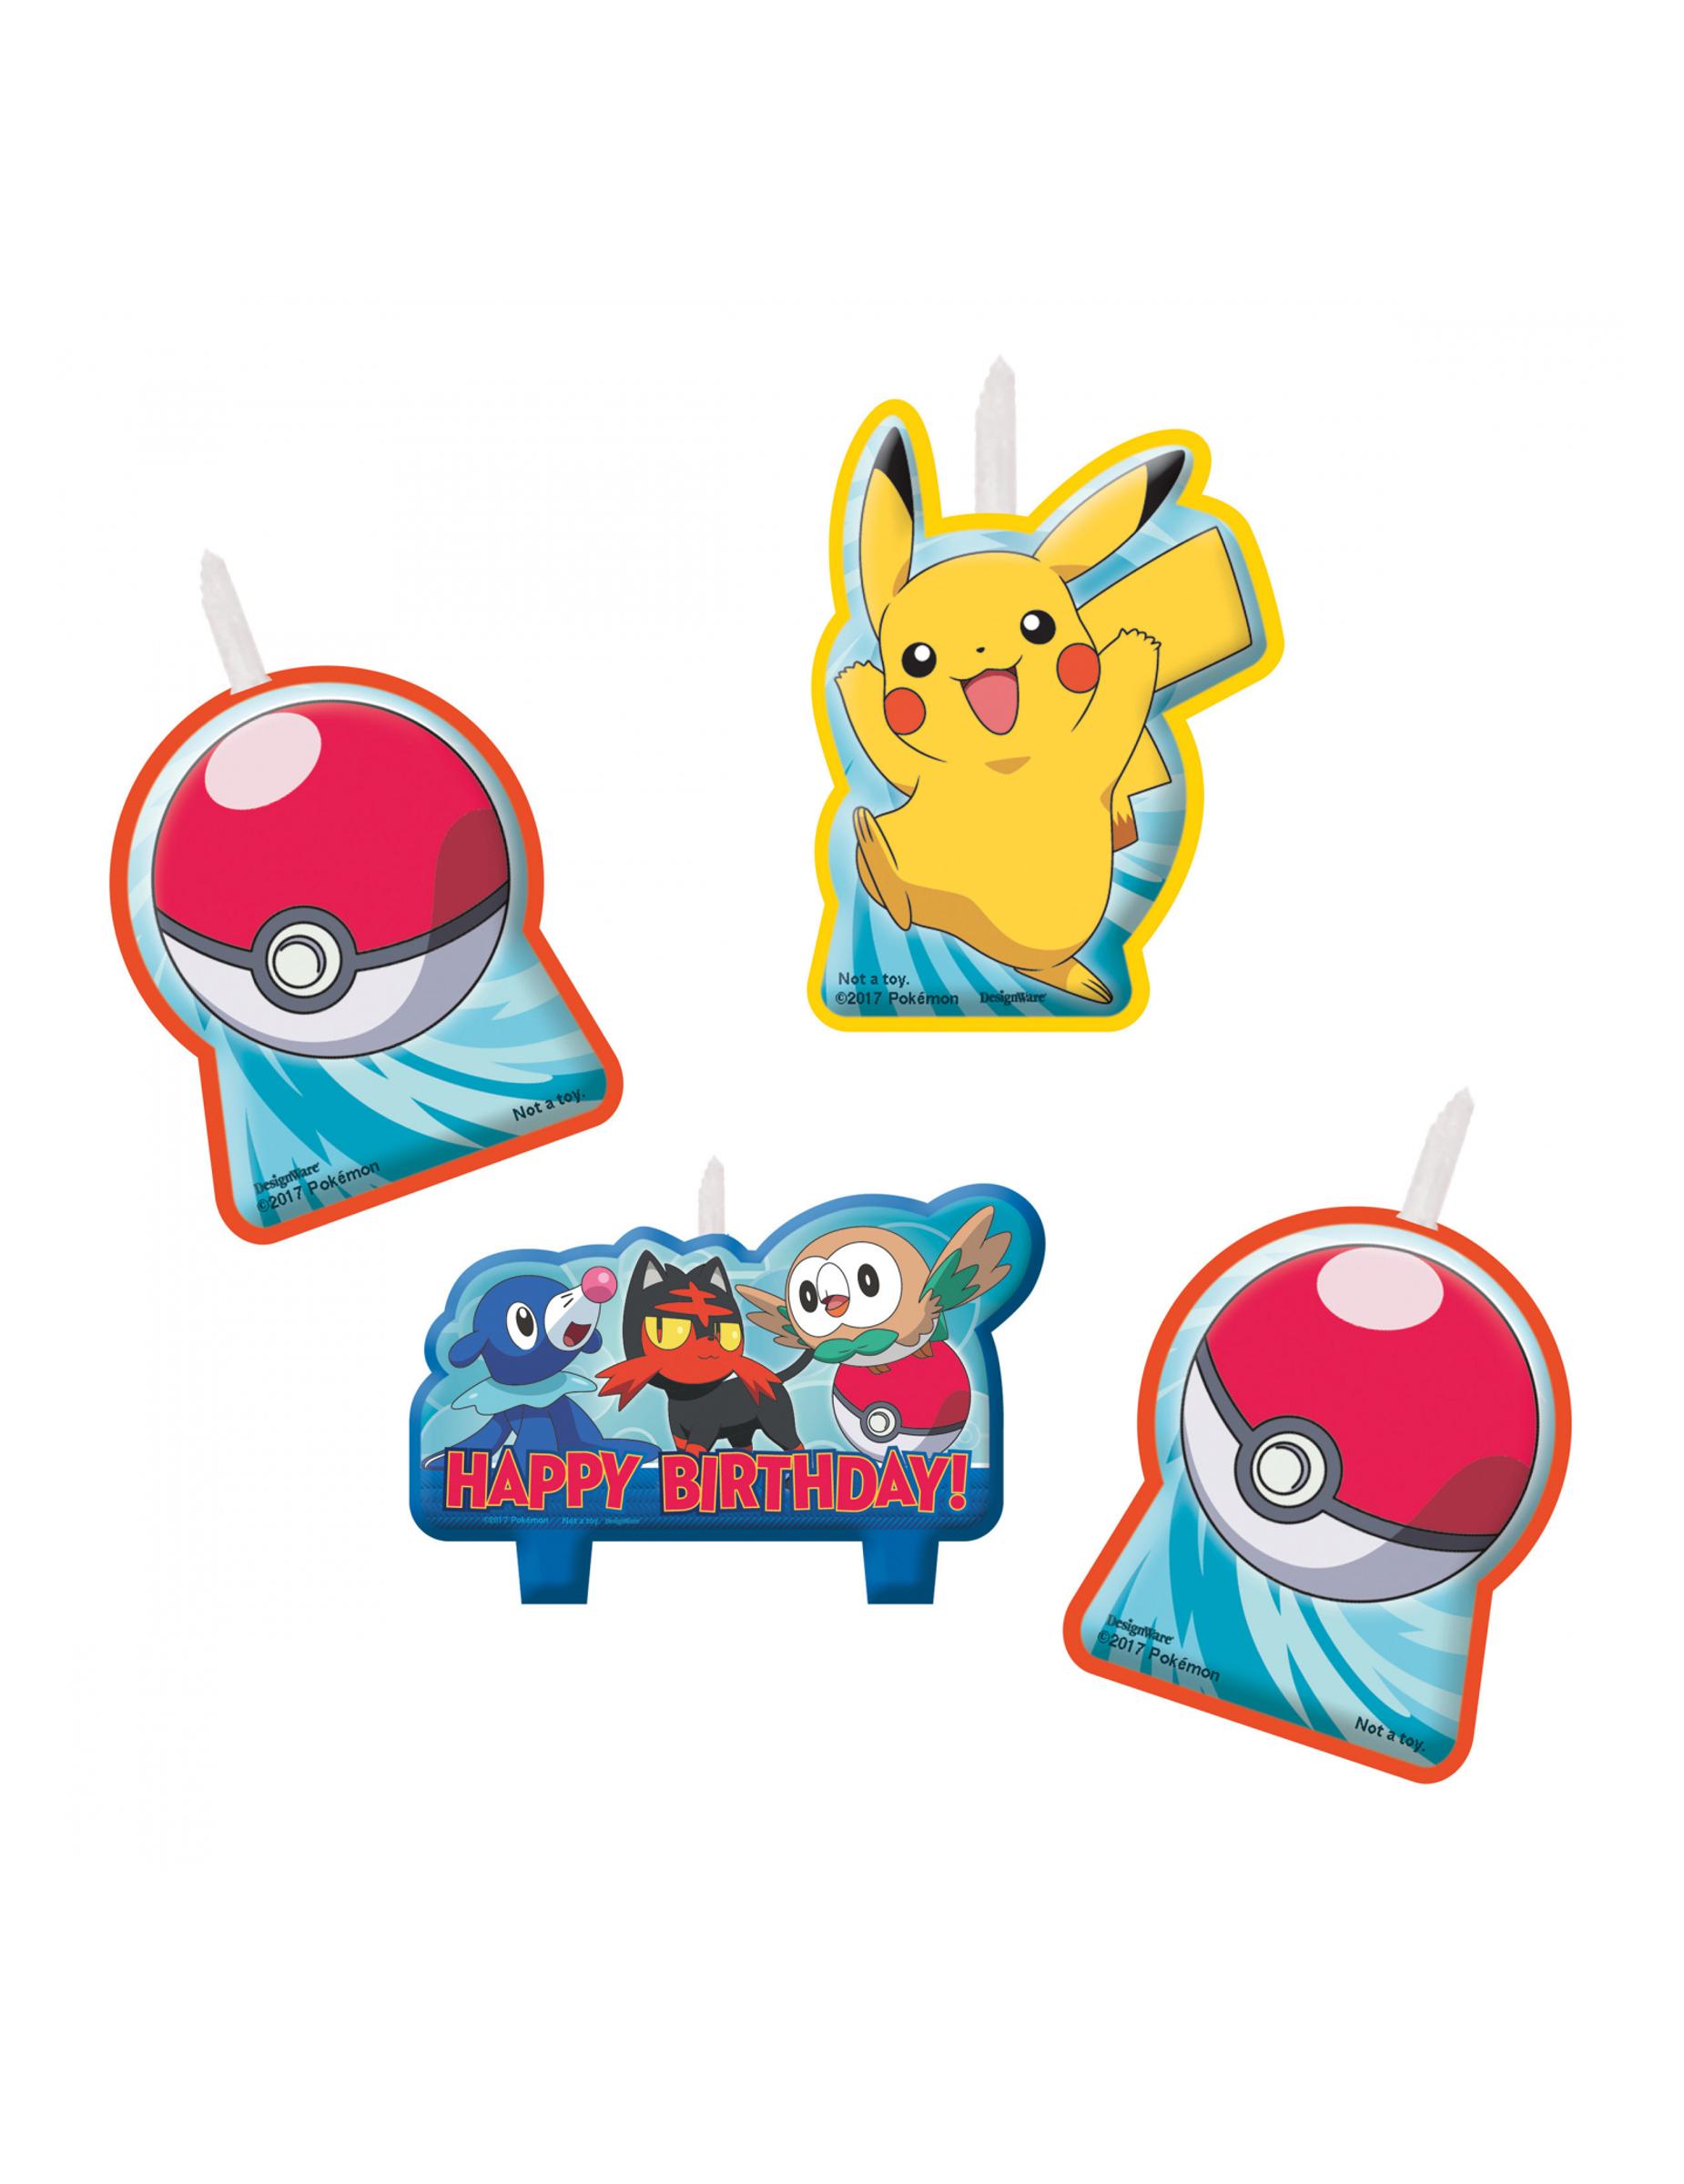 Kit anniversaire pokemon - Achat Kit anniversaire pokemon pas cher ...